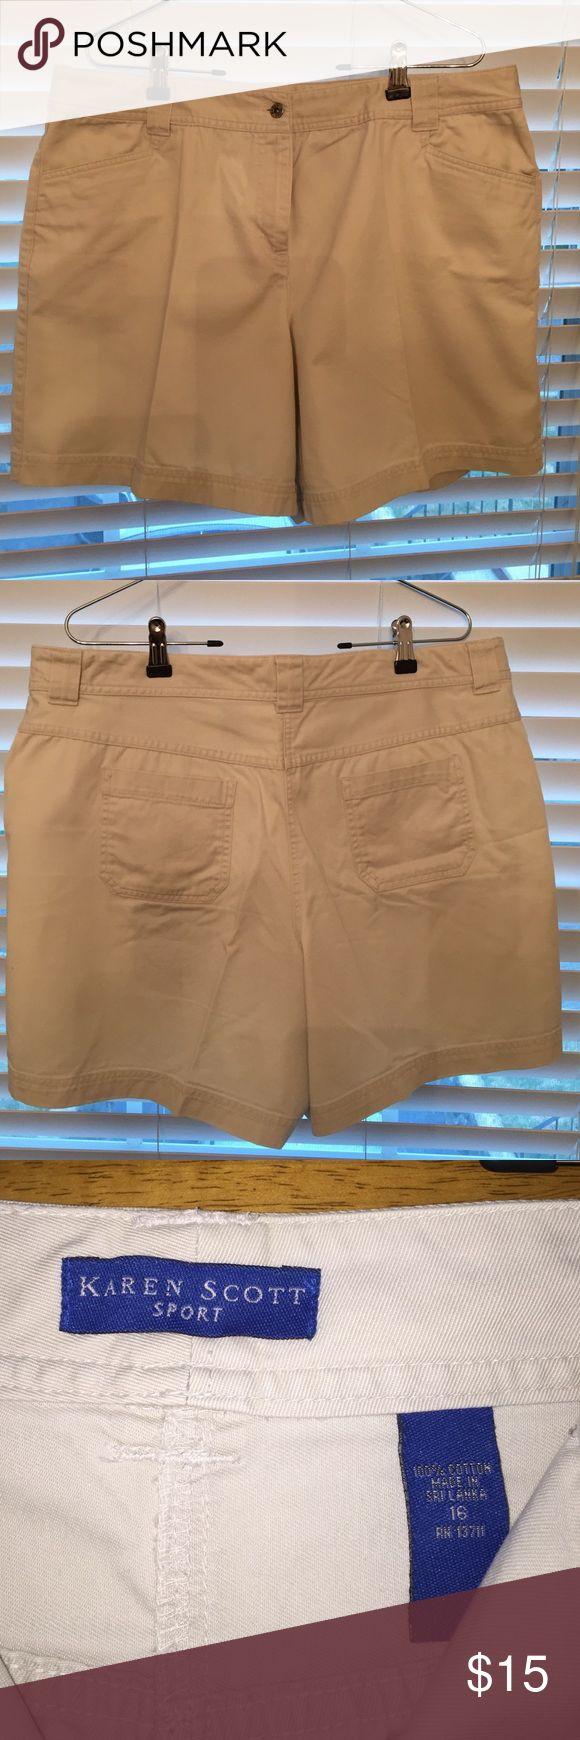 Karen Scott Sport Shorts. Karen Scott Sport shorts, 100% Cotton. Beige. These shorts have been worn about three times. Karen Scott Shorts